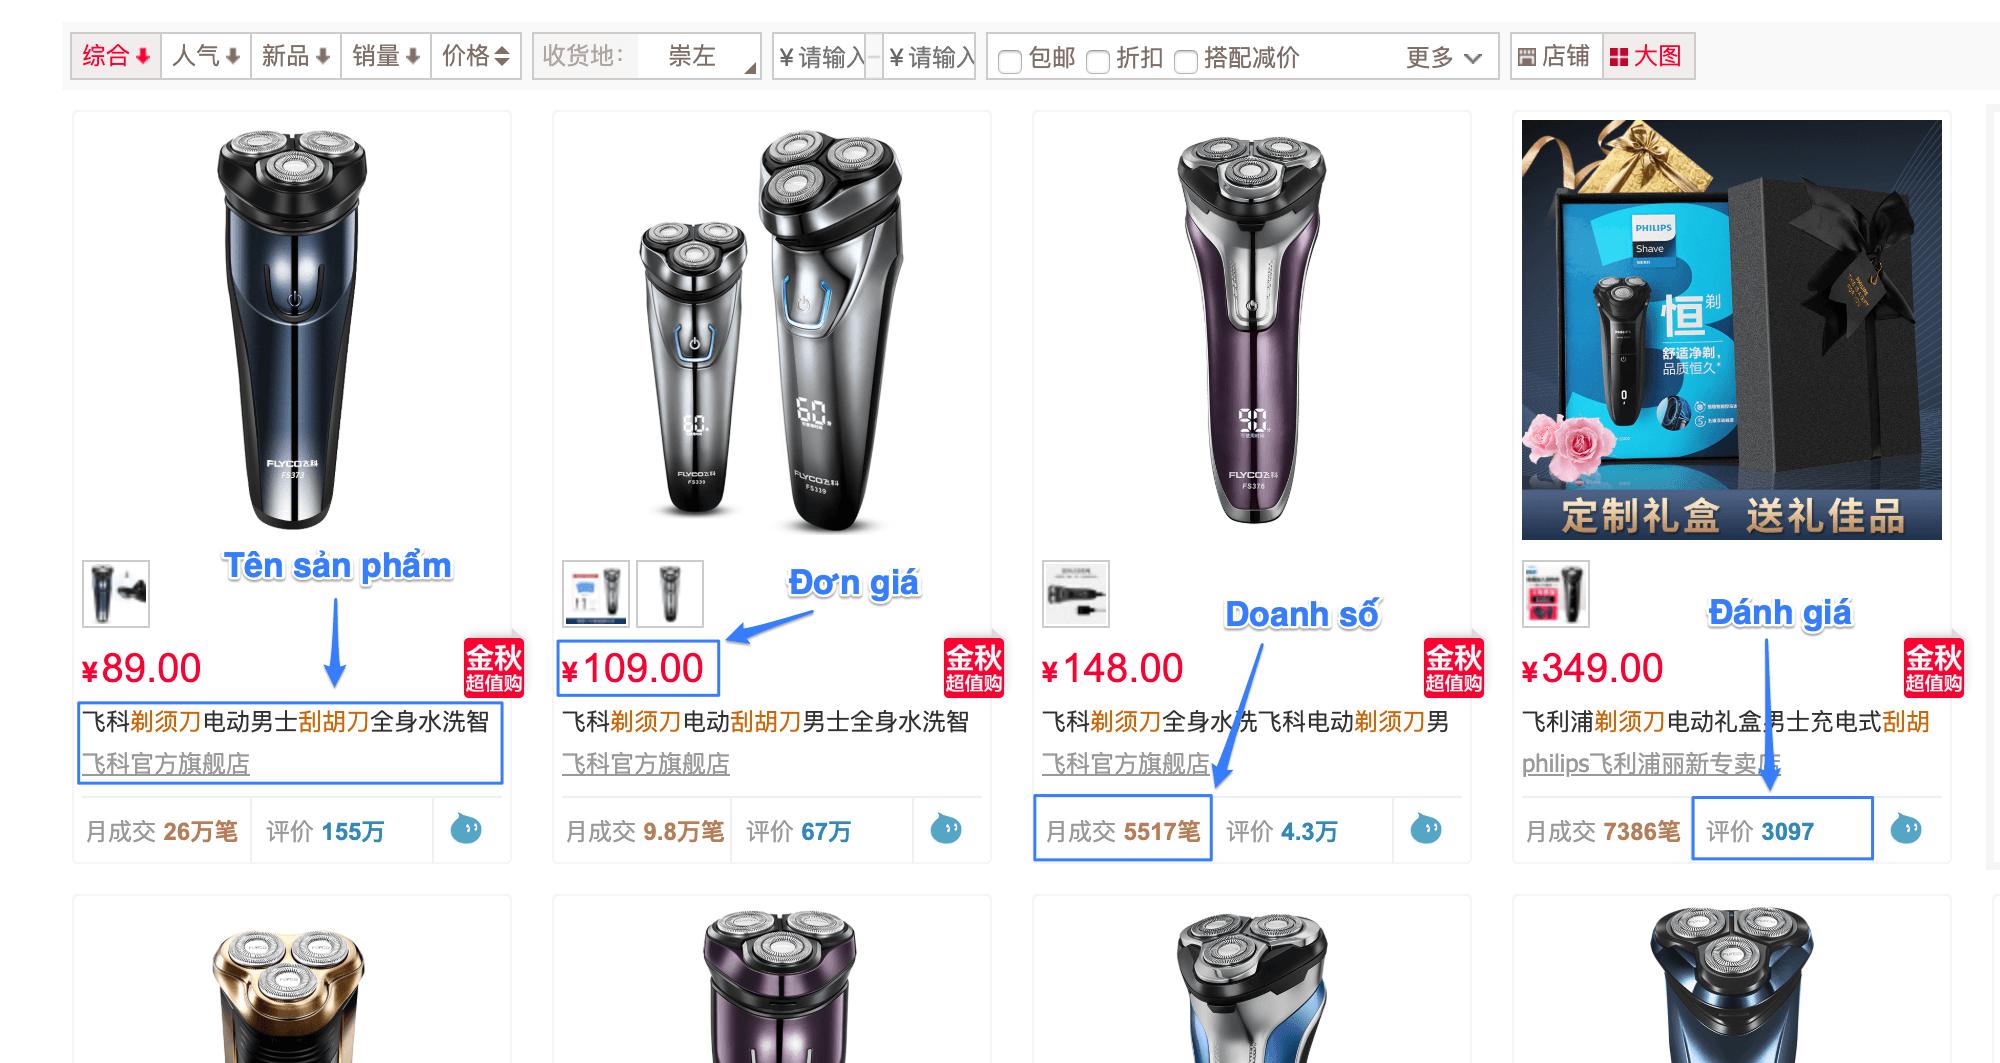 Kết quả tìm kiếm sản phẩm trên Tmall